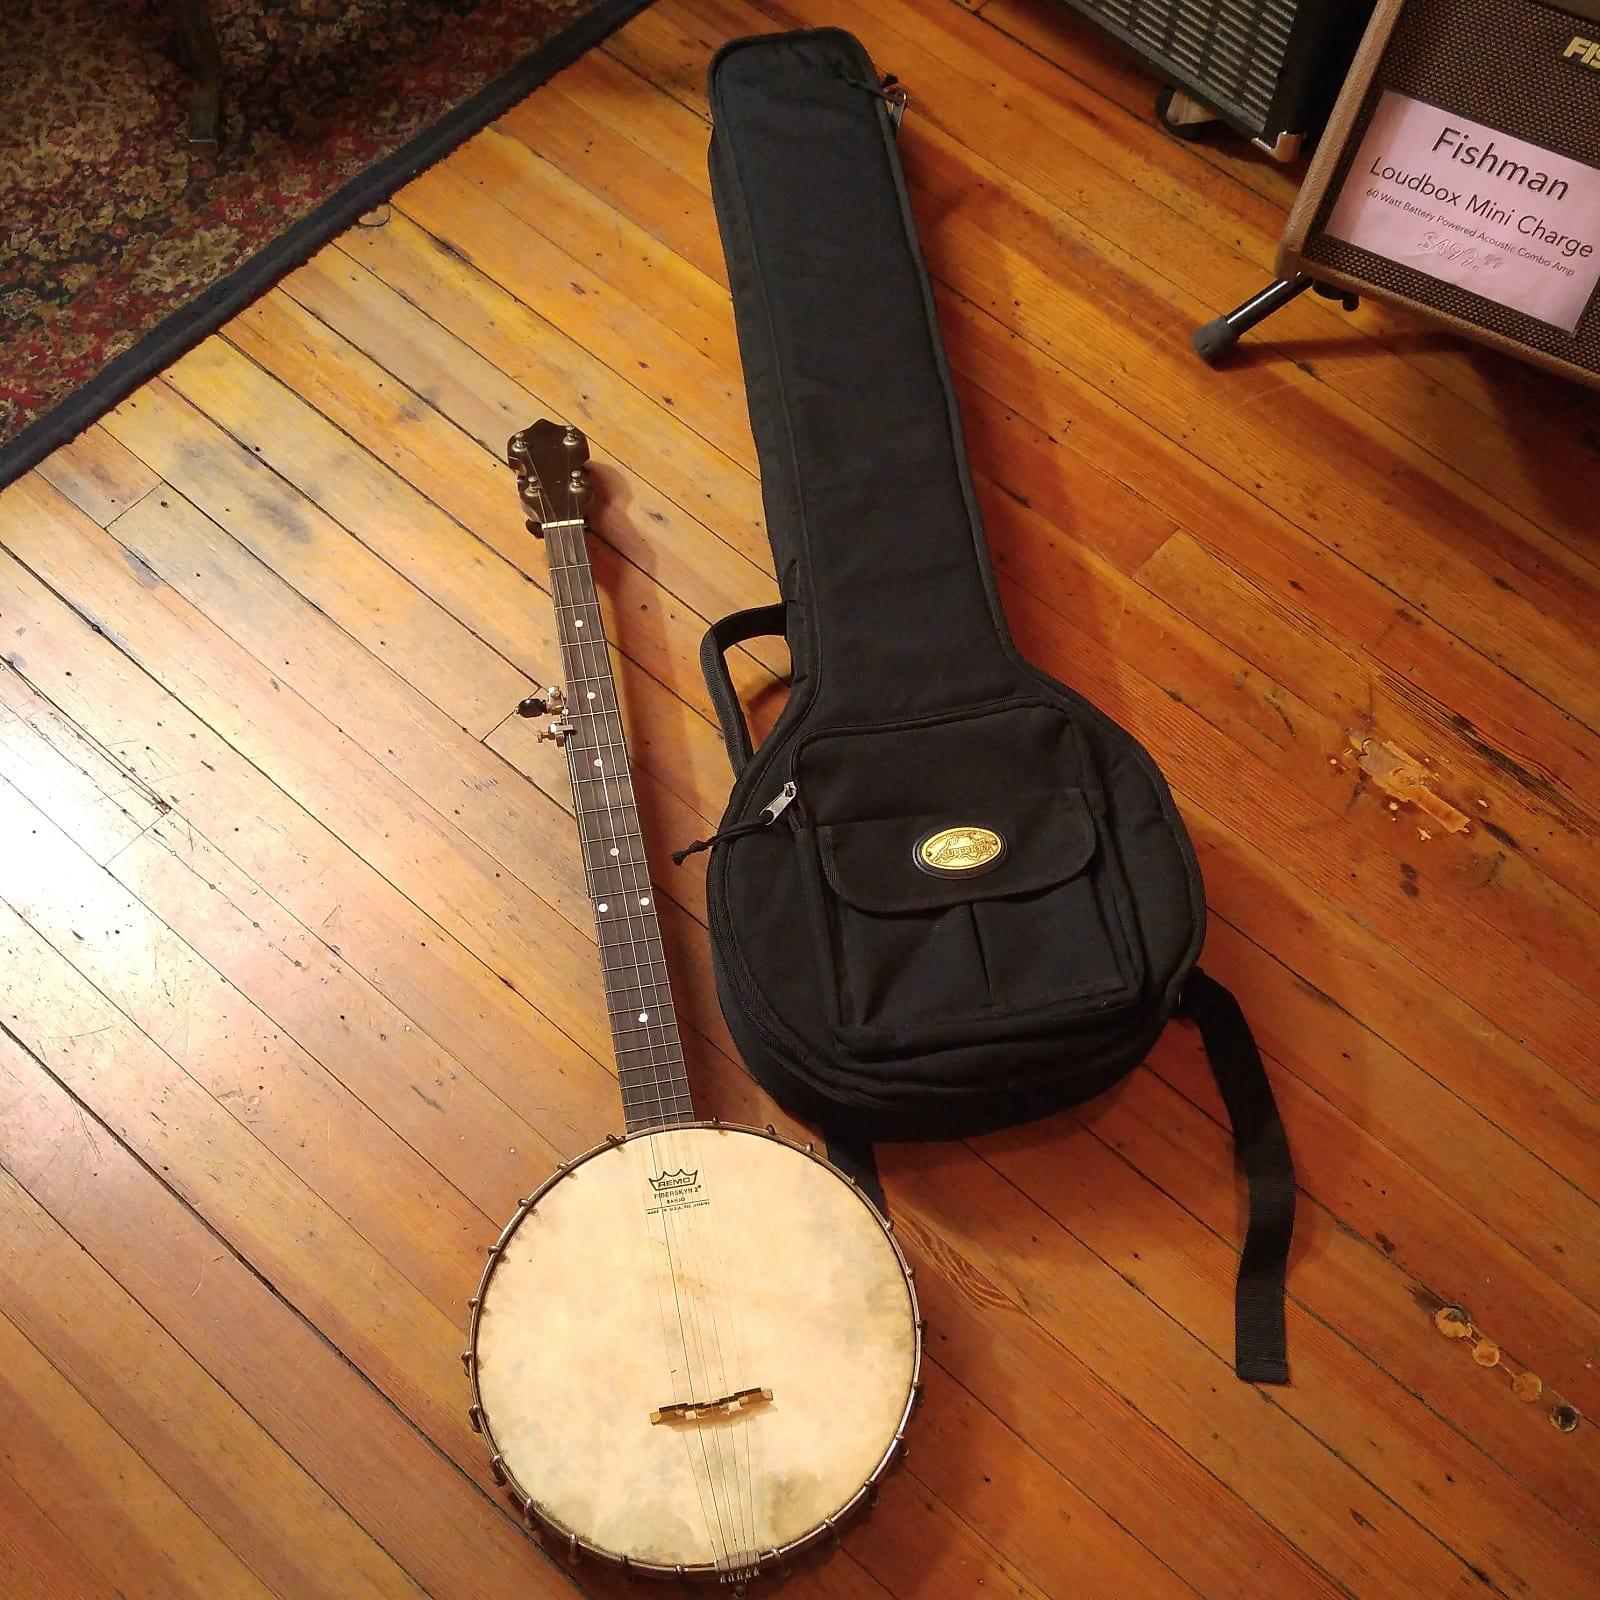 Fairbanks/Vega No  2 Special 5-String Banjo c 1920 #45112